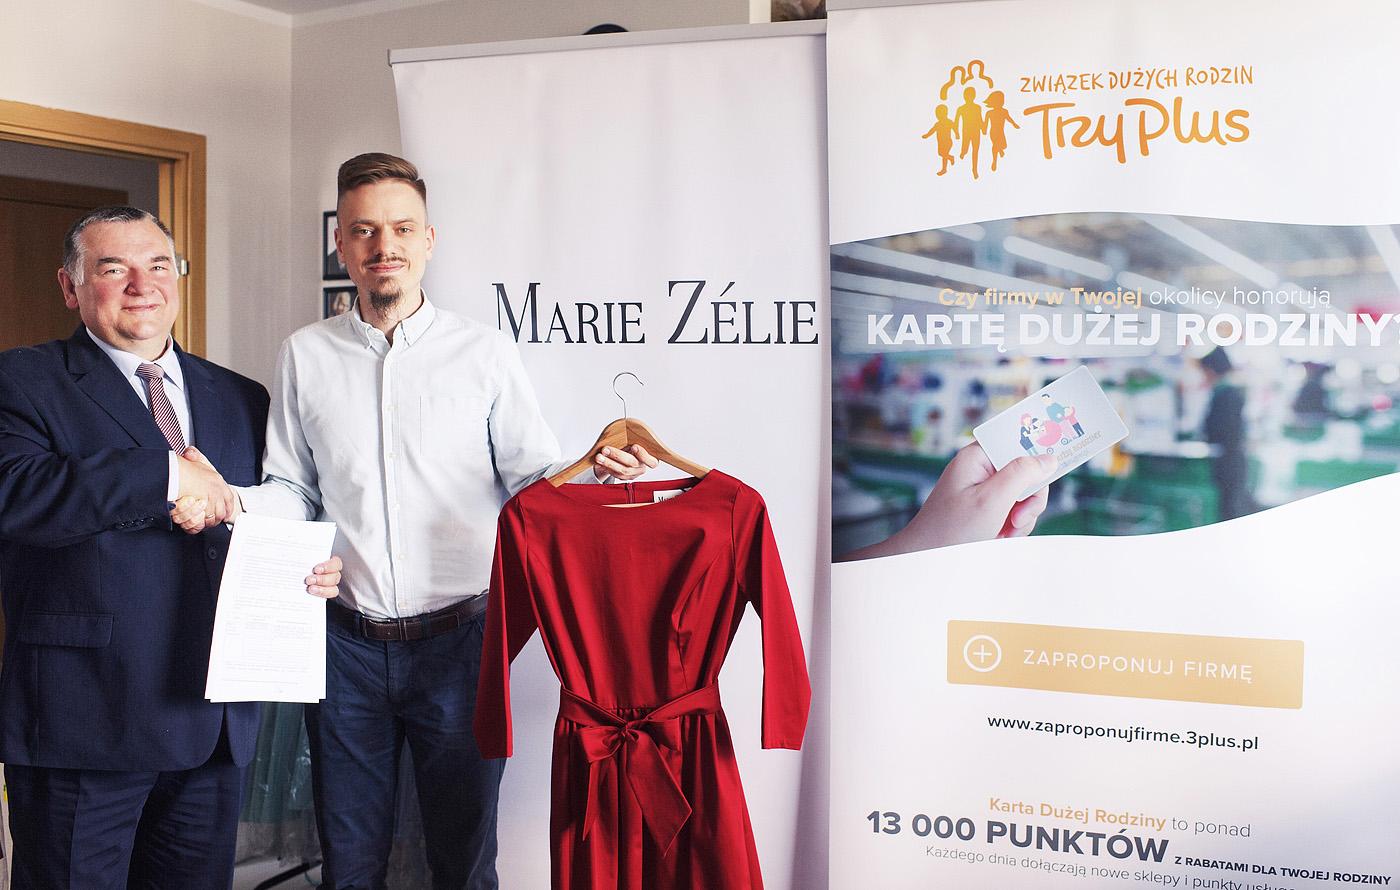 26 maja 2017 - Marie Zélie przystępuje do programu Karta Dużej Rodziny